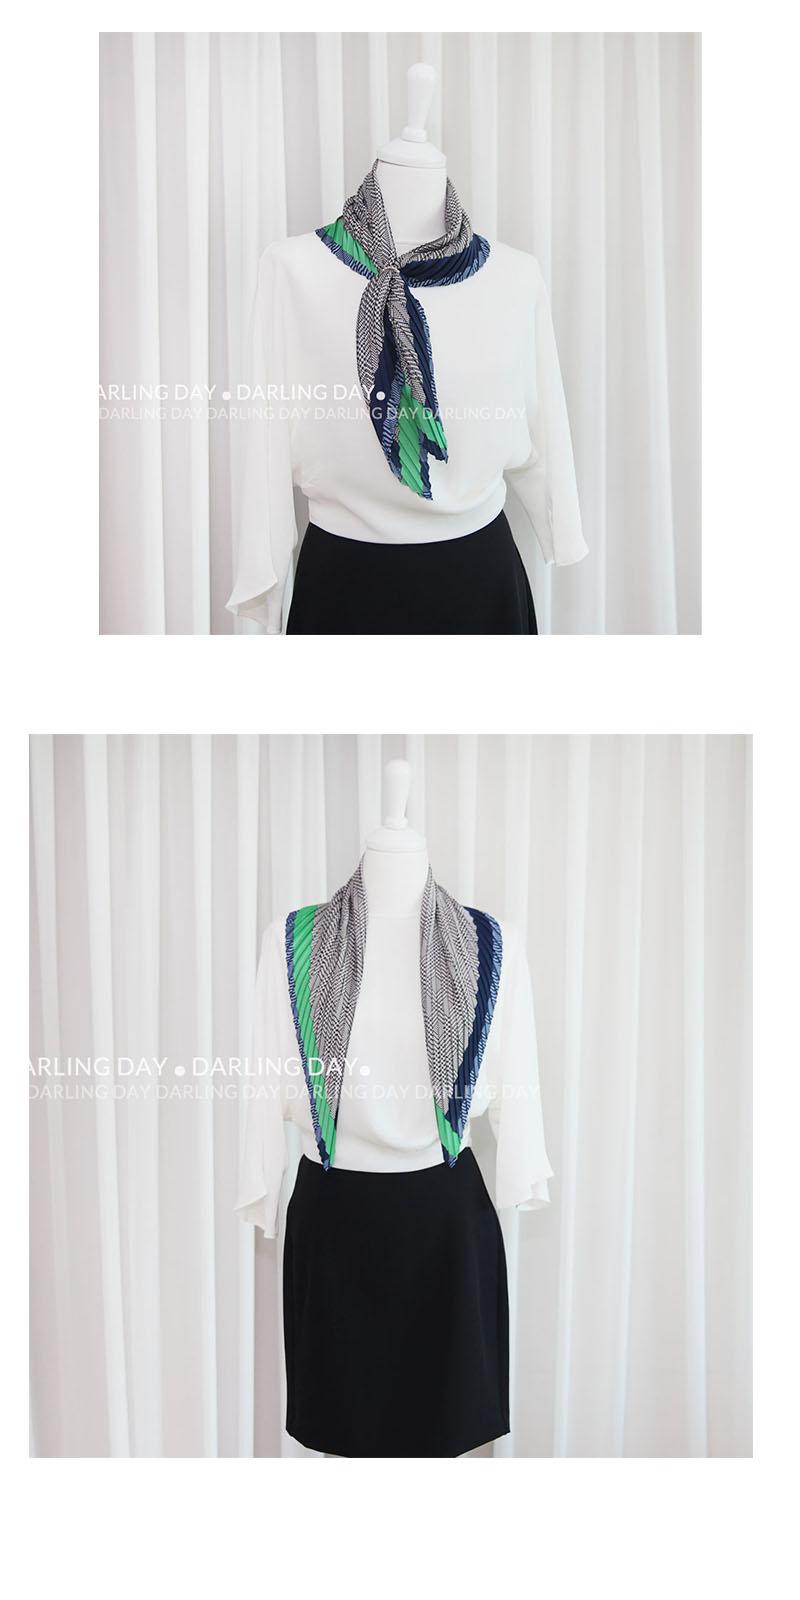 댄디 체크 플리츠 스카프 (3 colors) - 달링데이, 18,000원, 스카프, 쁘띠 스카프